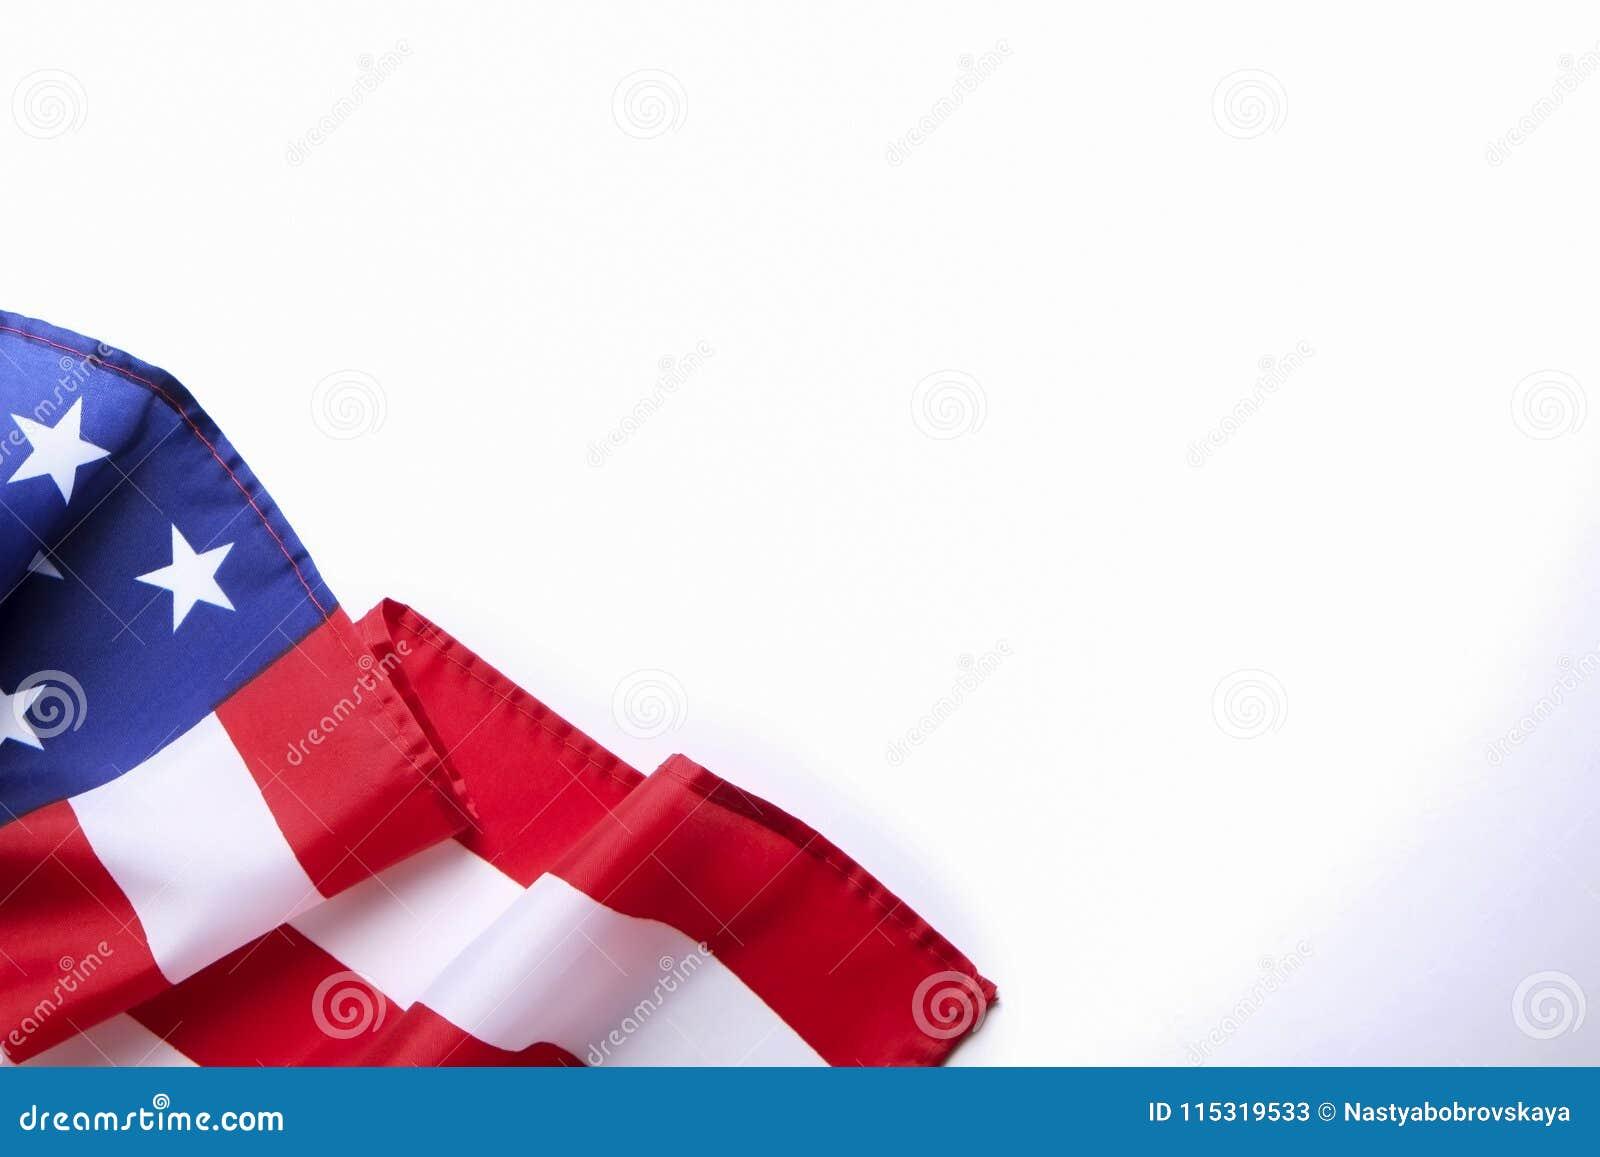 Excepcional Bandera Americana Para Colorear Composición - Ideas ...